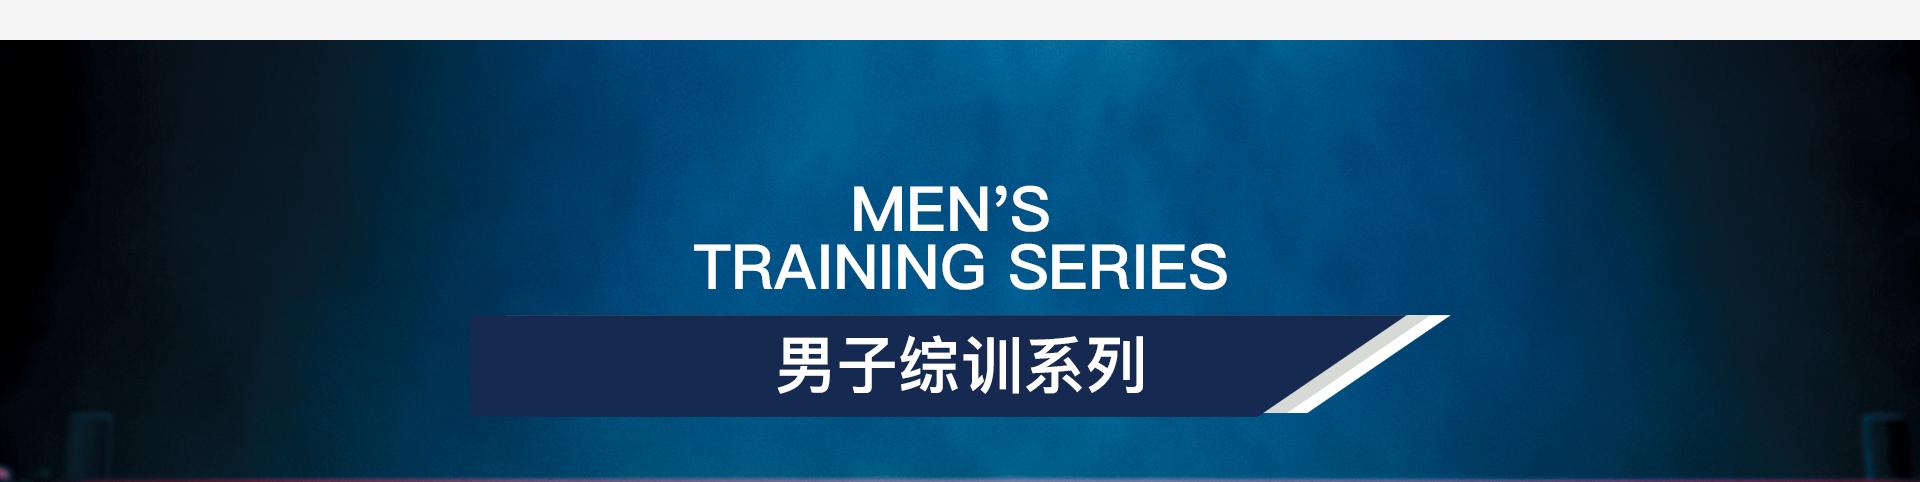 特步官方商城男子综训健身系列